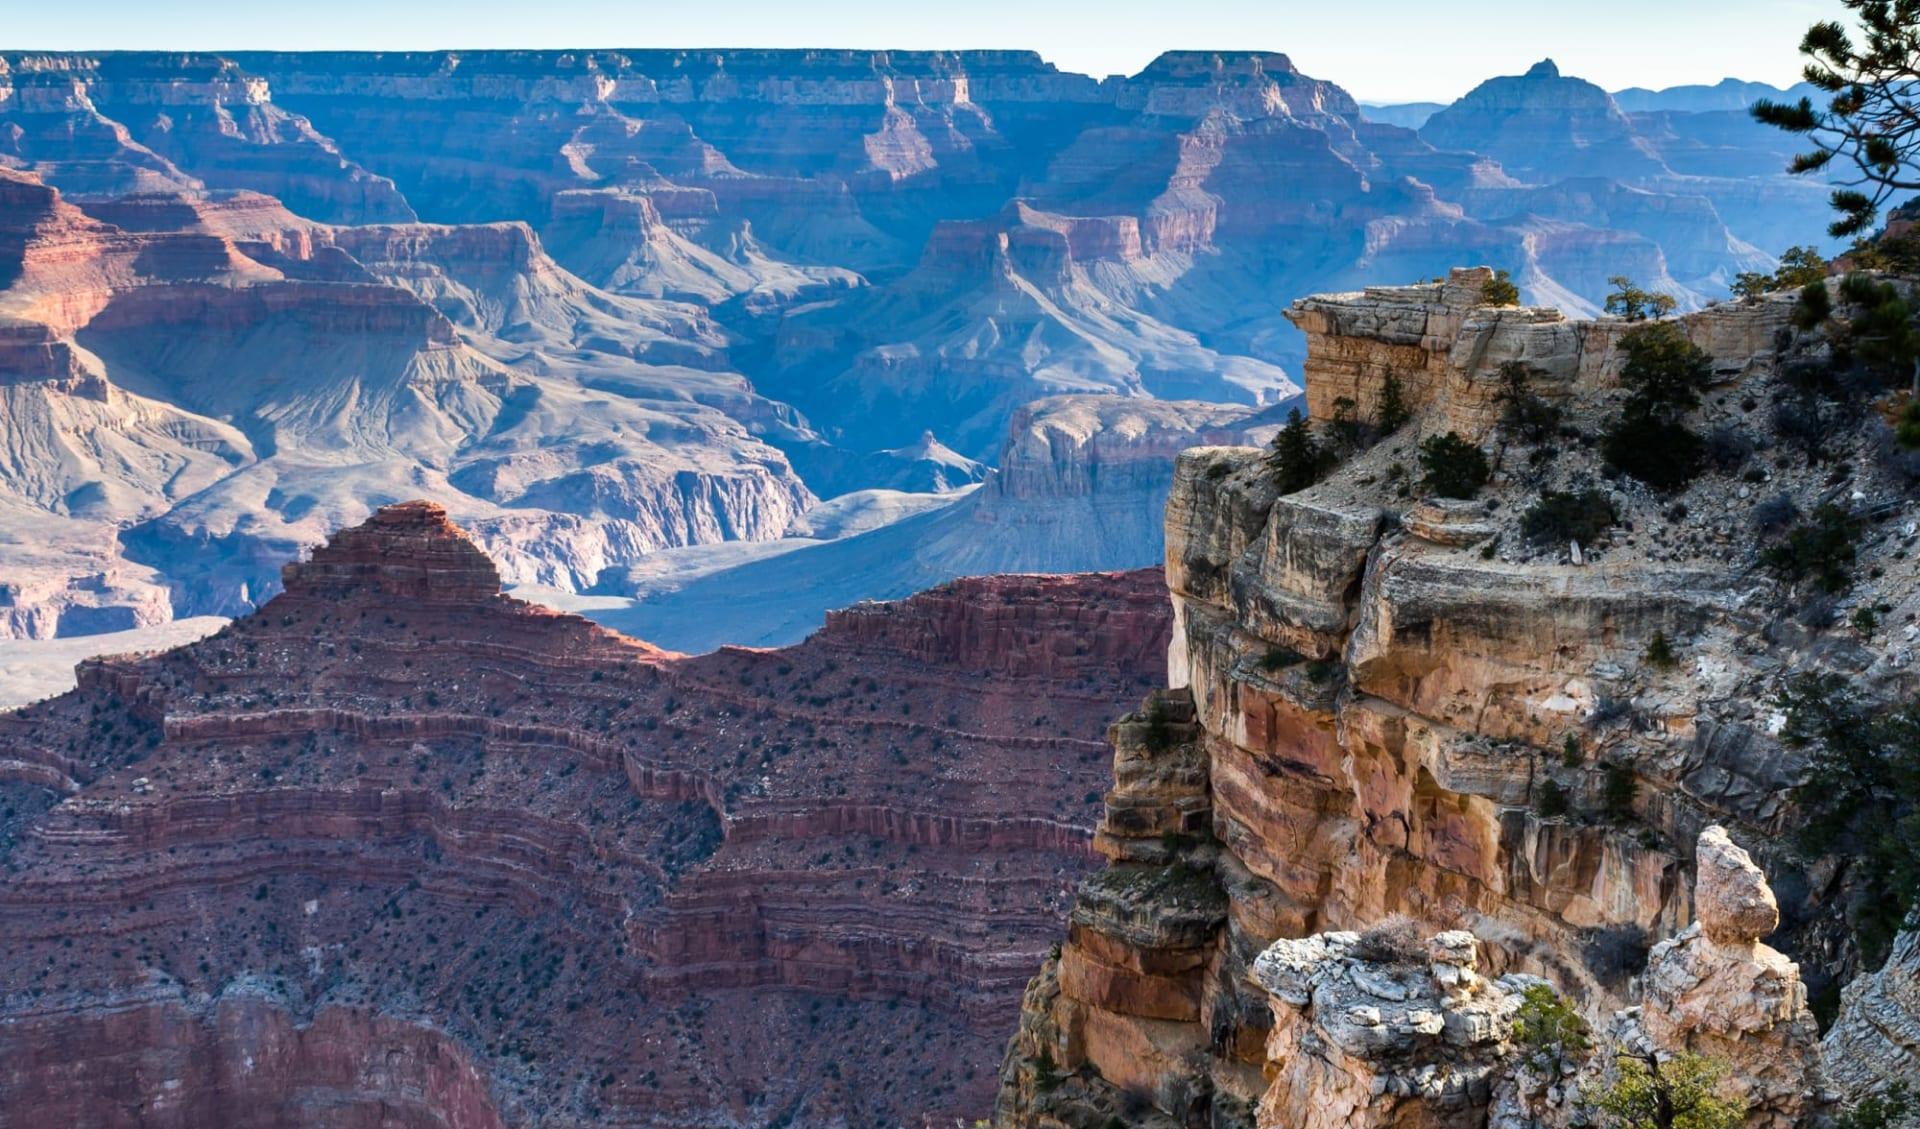 Begleitete Motorradtour: Route 66 ab Chicago: USA - Arizona - Grand Canyon Panorama